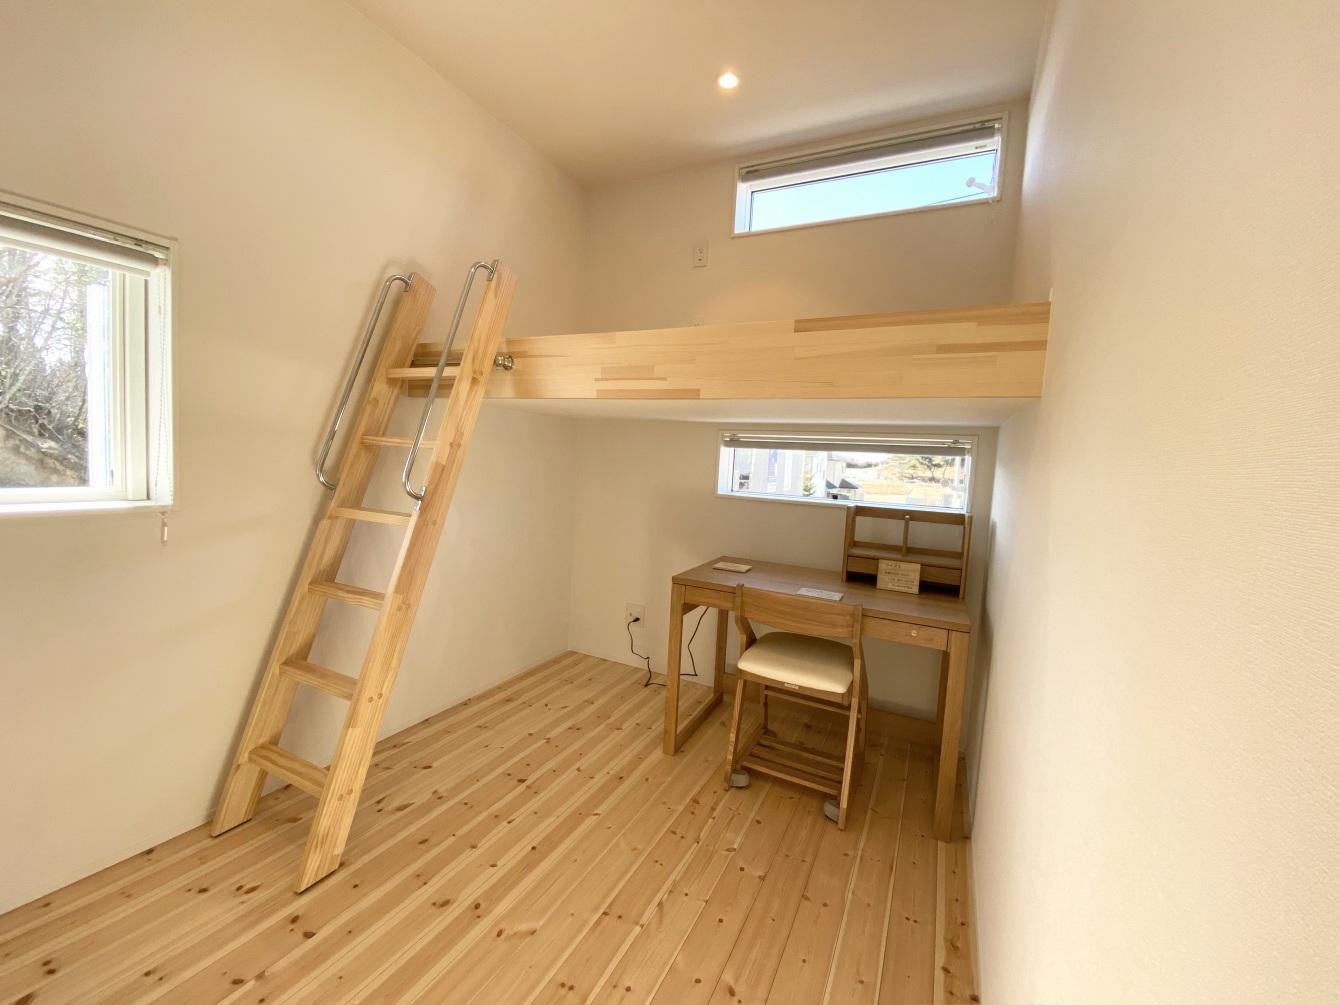 田村市の施工例、コンパクト&北欧デザインの家子供部屋